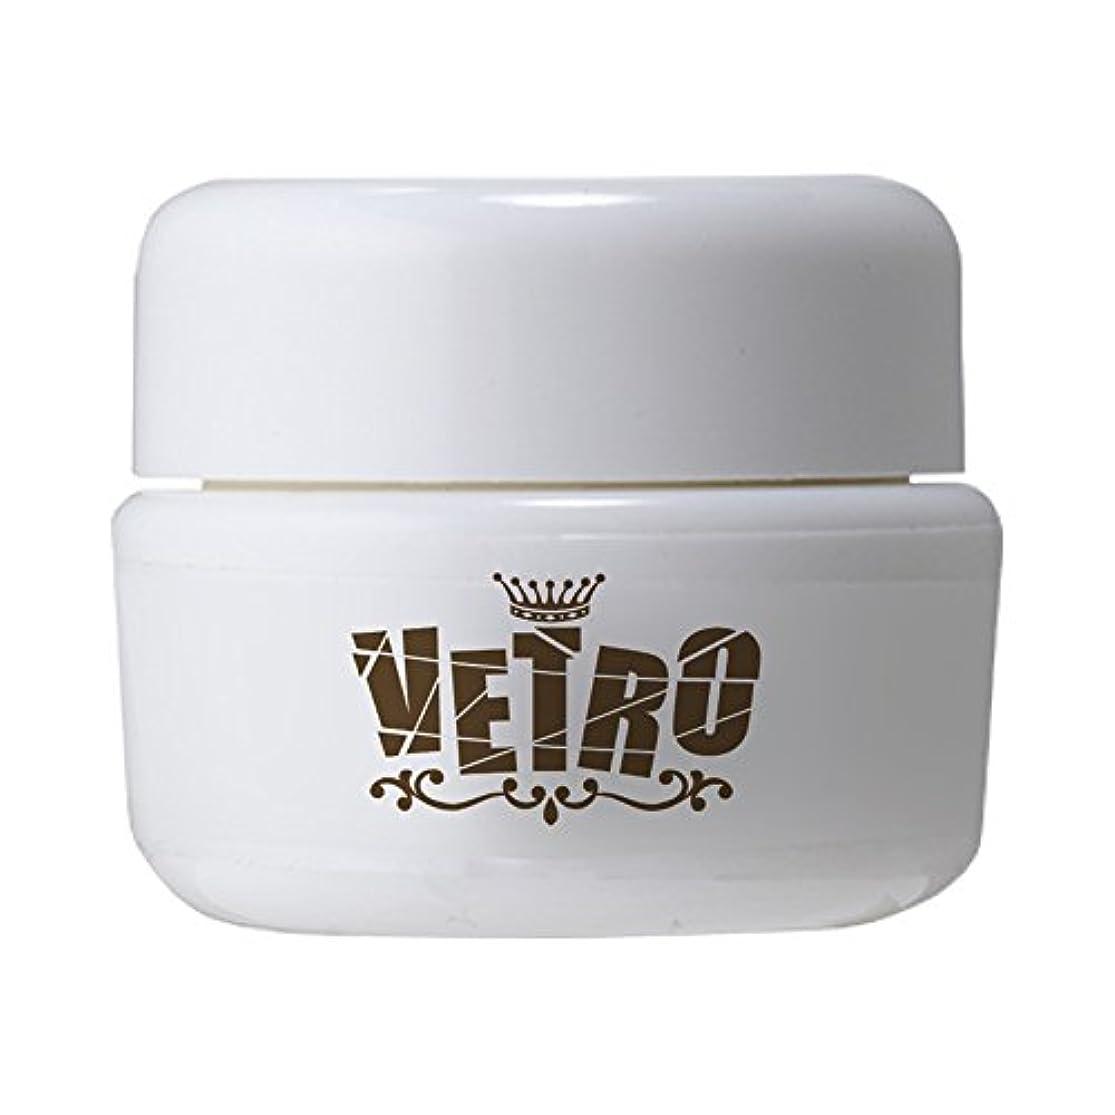 寛解手書き爪VETRO カラージェル VL286 4ml テクスチャー:ソフト シアー UV/LED対応